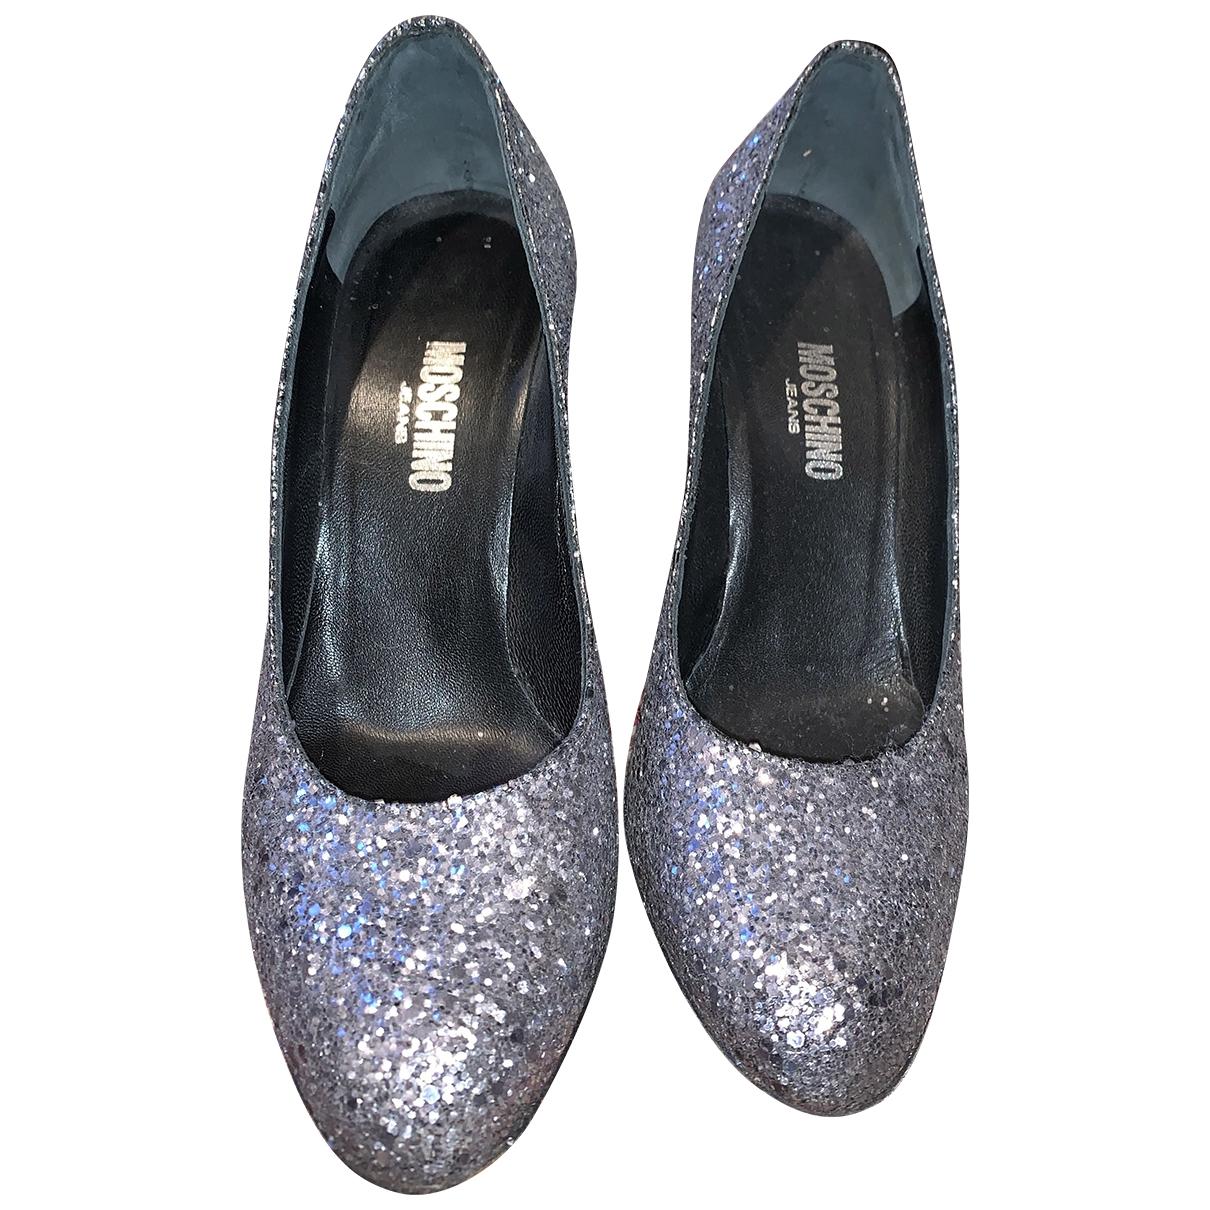 Moschino \N Silver Glitter Heels for Women 36.5 EU